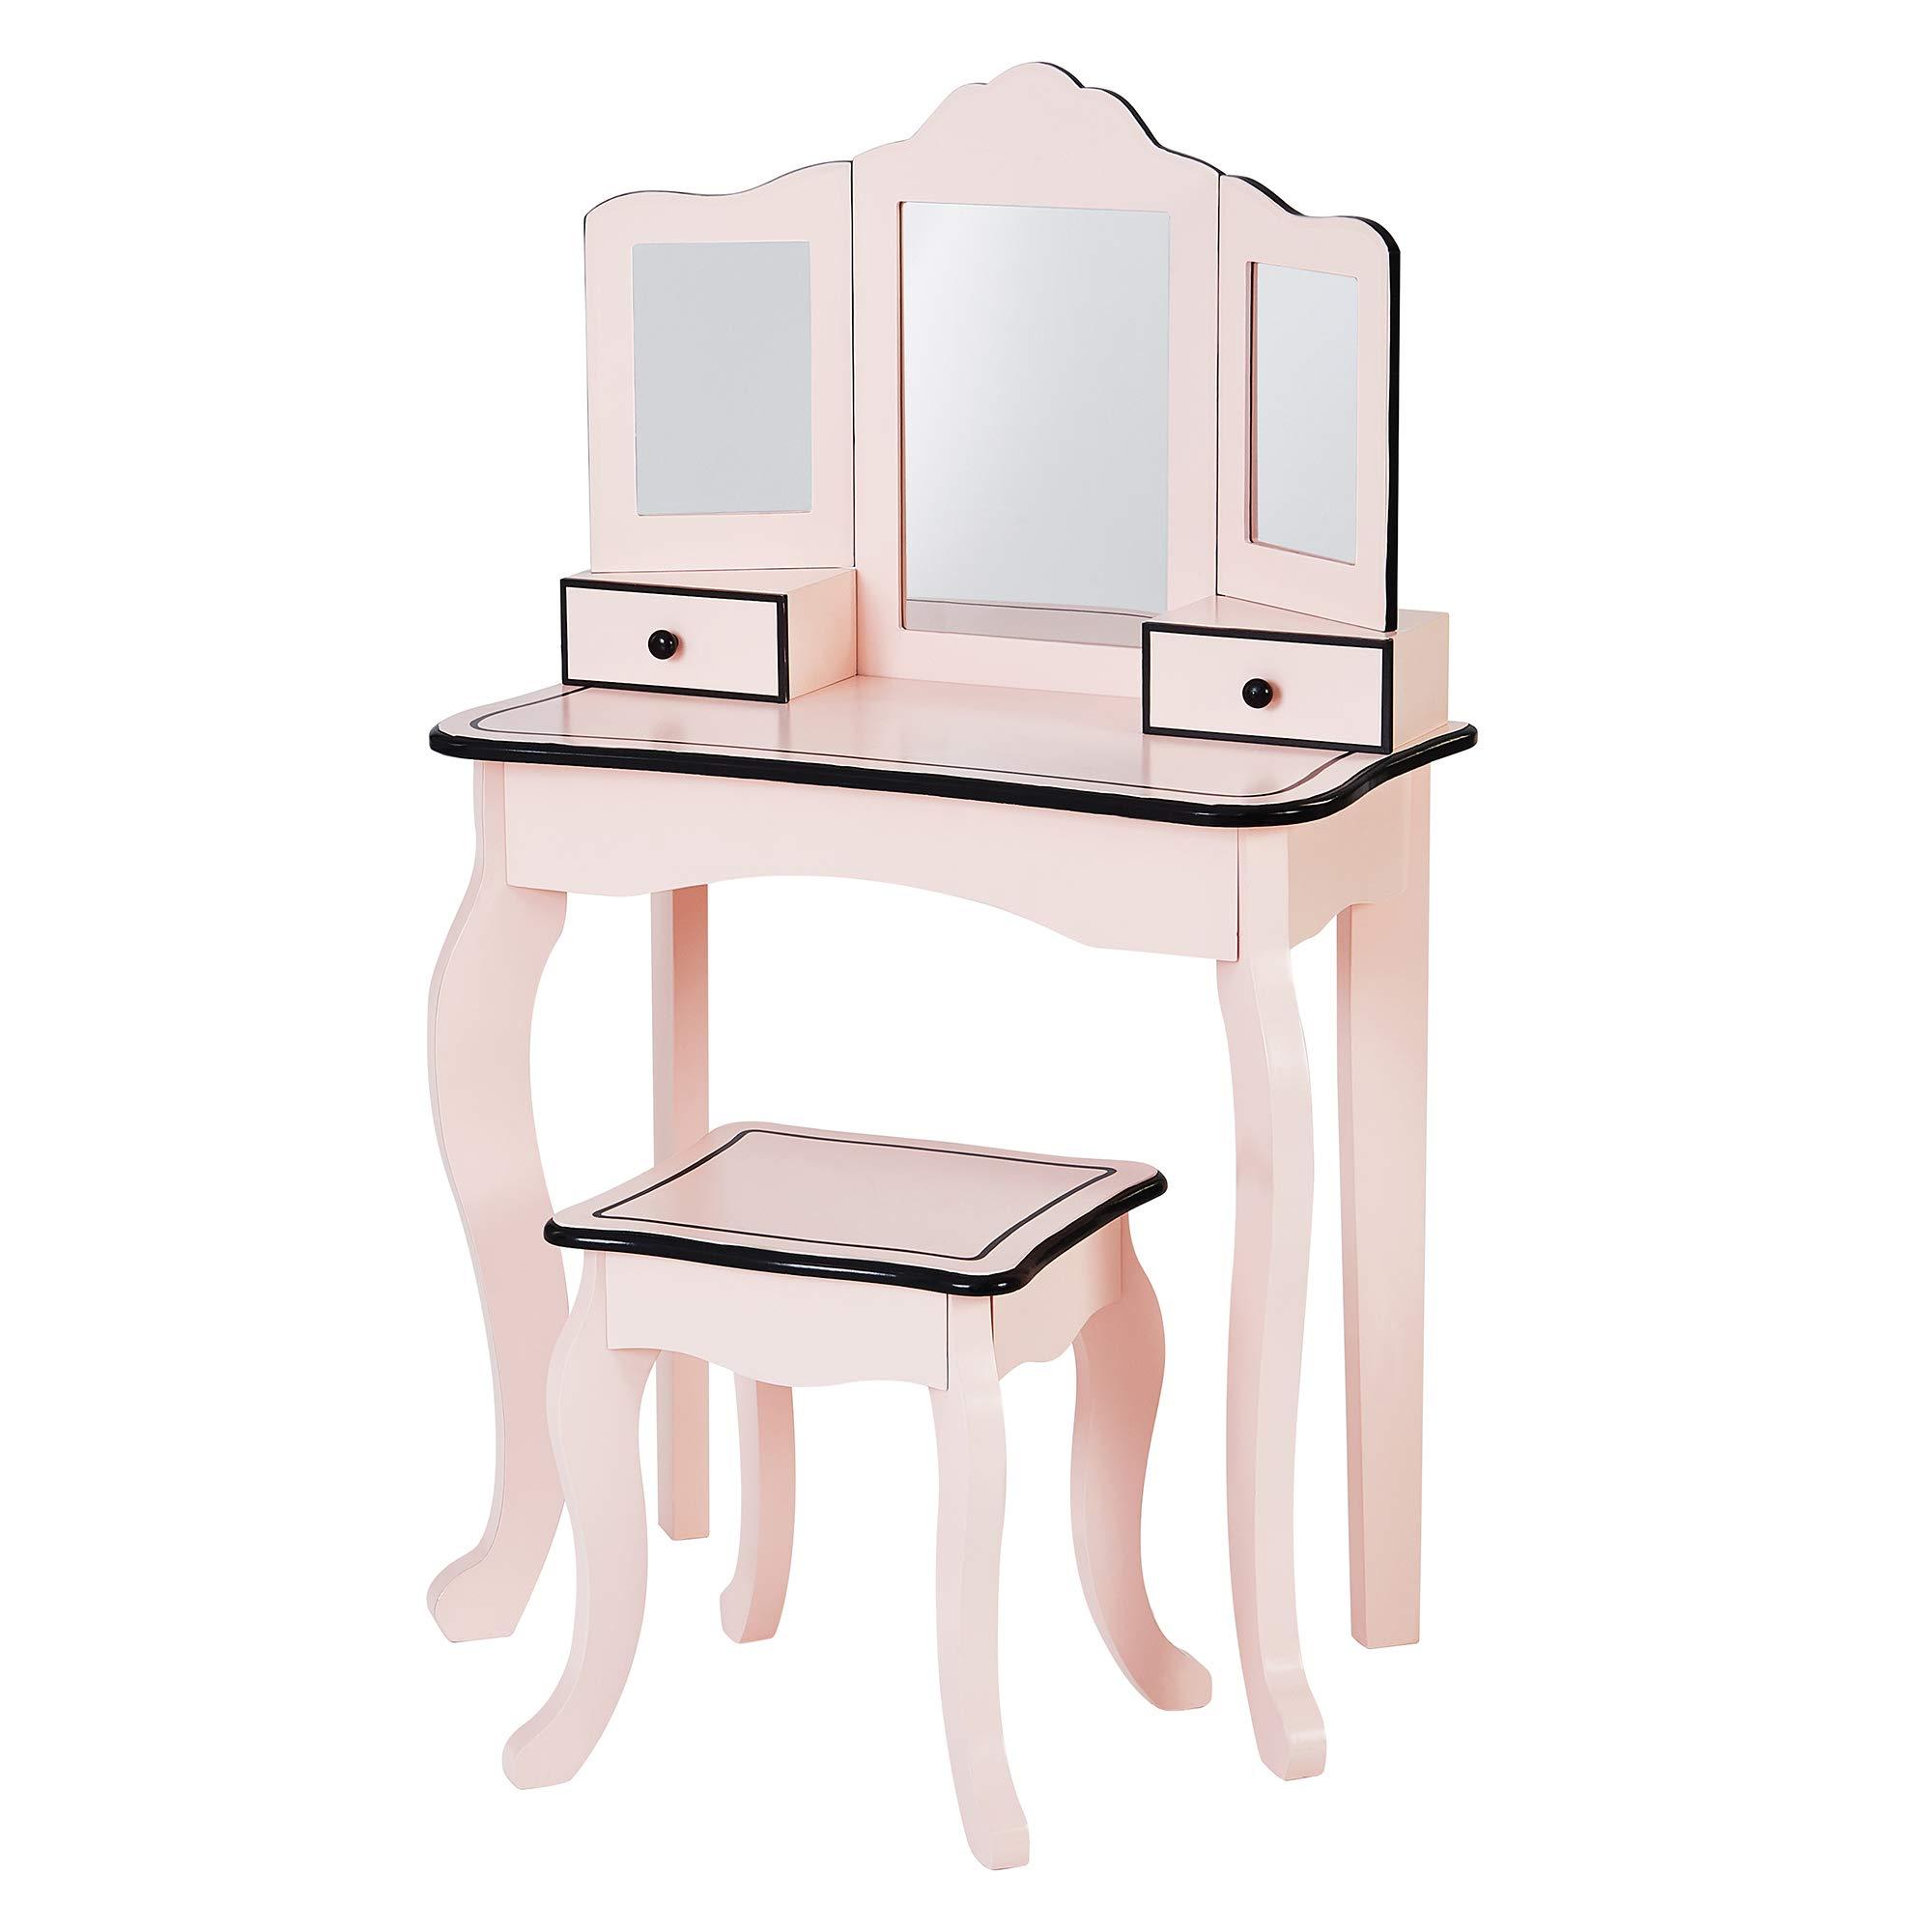 Teamson Kids TD-13028P Adriana Little Lady Gisele Toy Vanity Set-Pink/Black by Teamson Kids